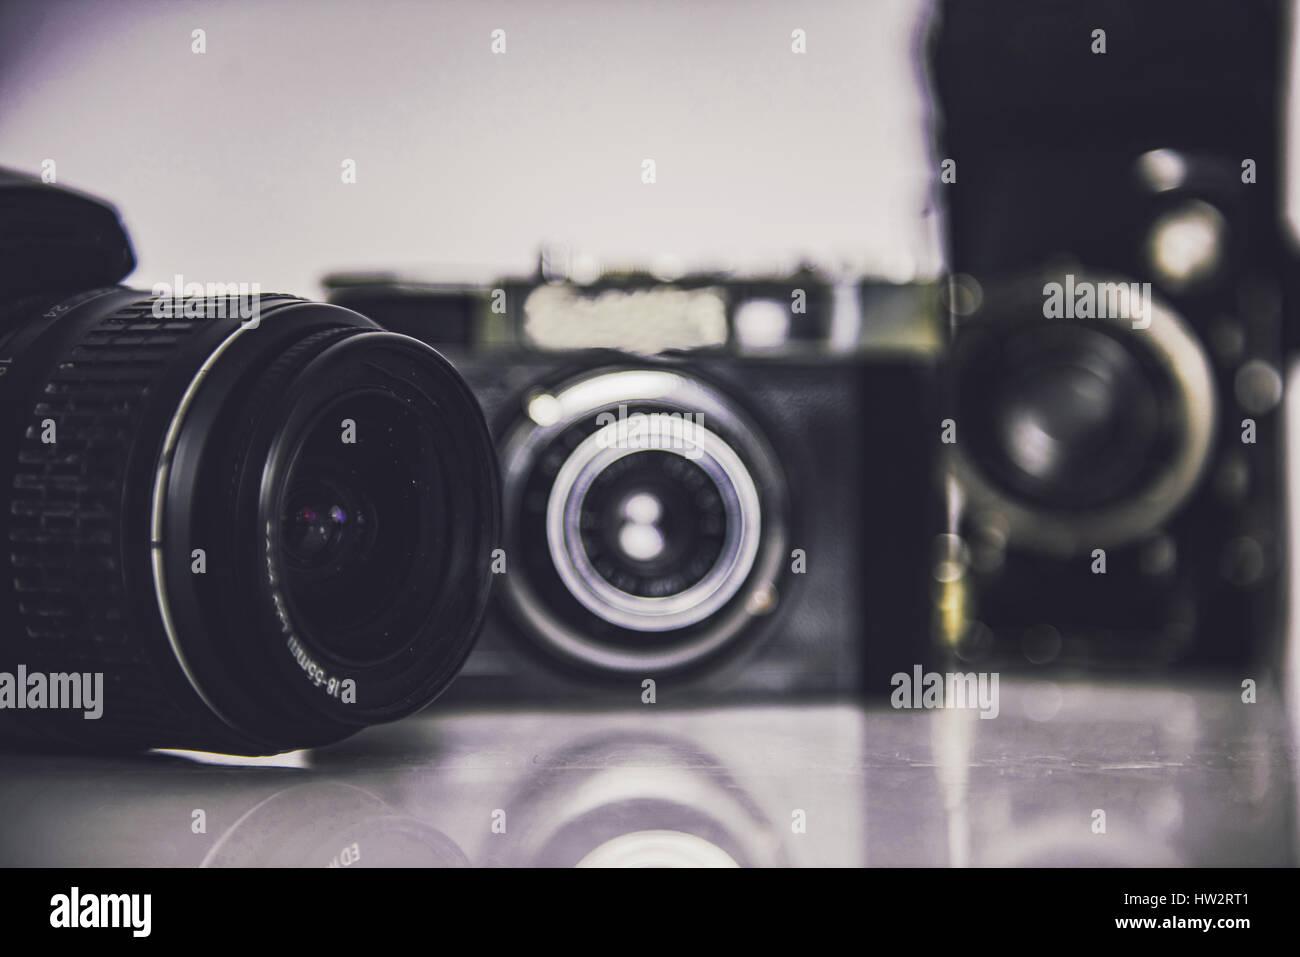 Vieille photo, appareils photo numériques Banque D'Images